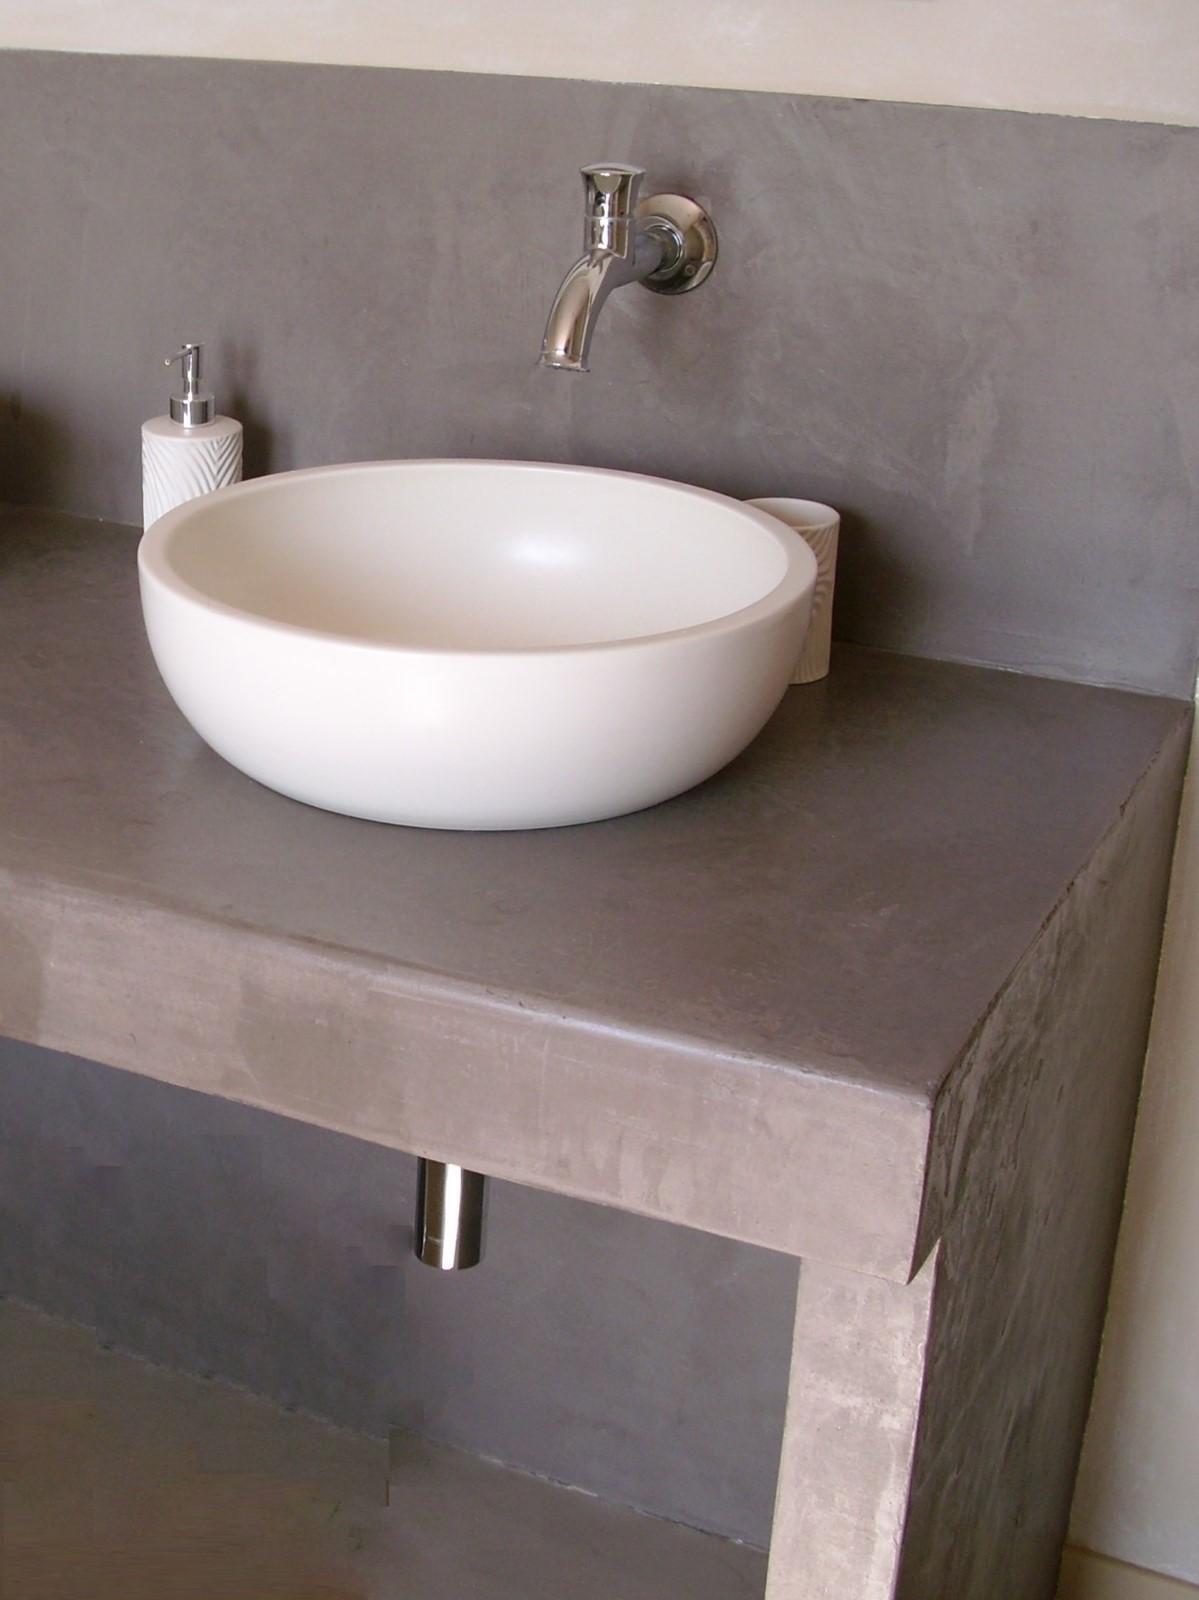 Plan de travail salle de bain couleur - livraison-clenbuterol.fr